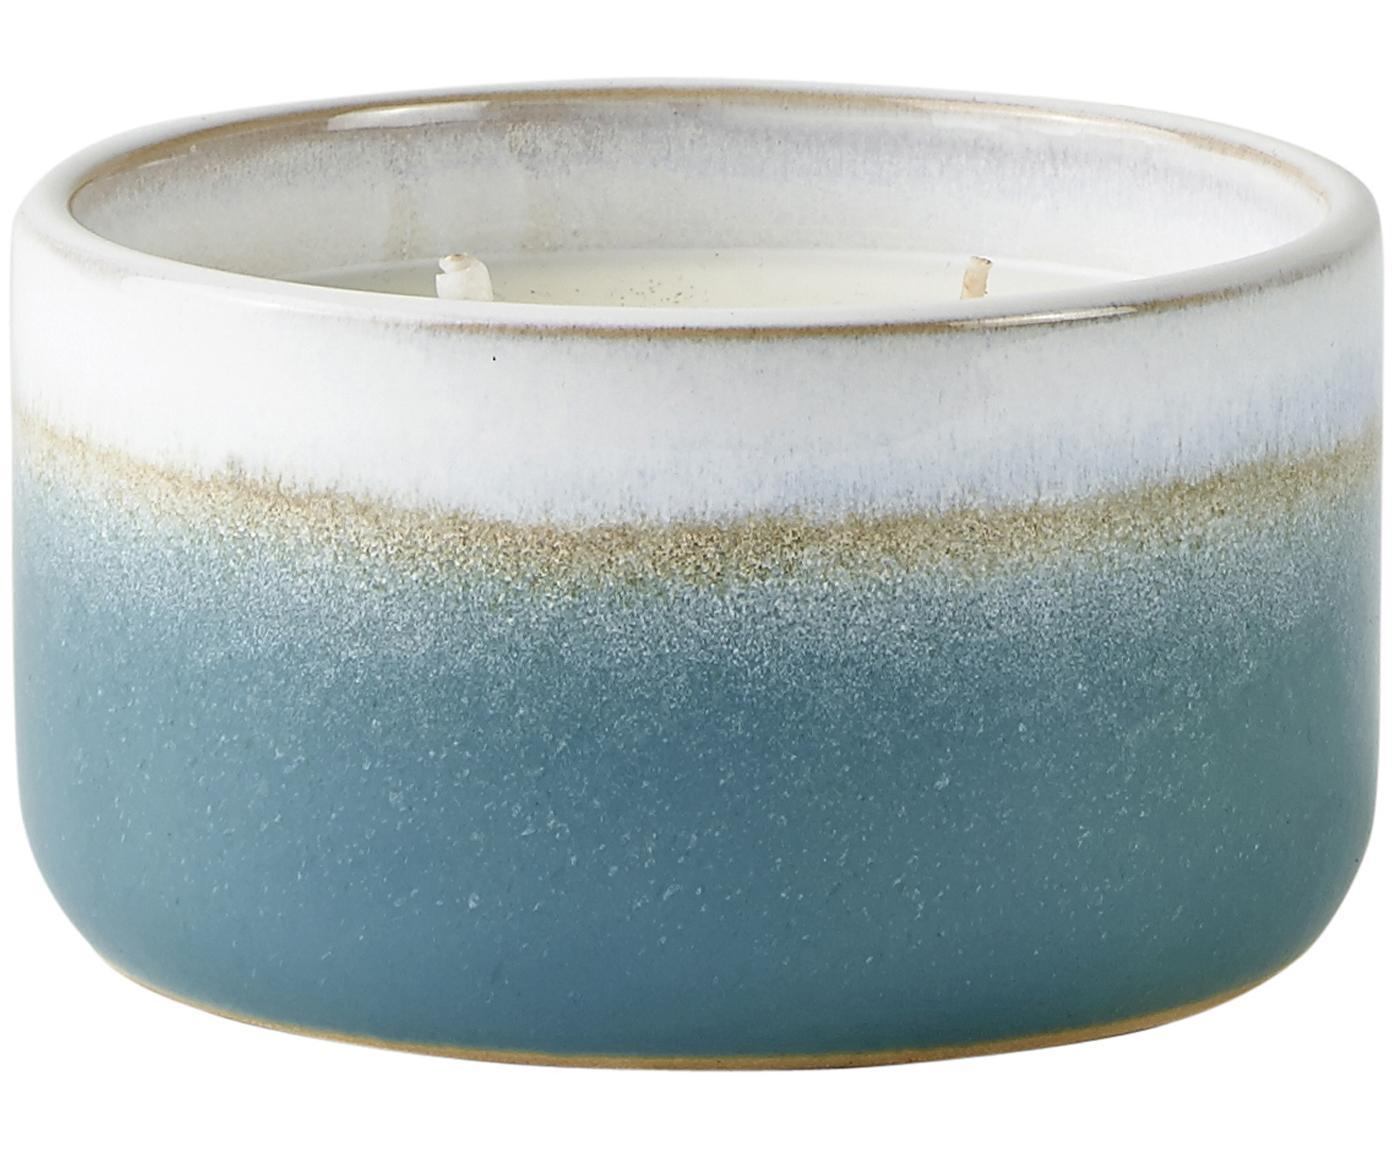 Świeca zapachowa Awua (kwiat bawełny), Niebieski, beżowy, biały, Ø 12 x W 7 cm